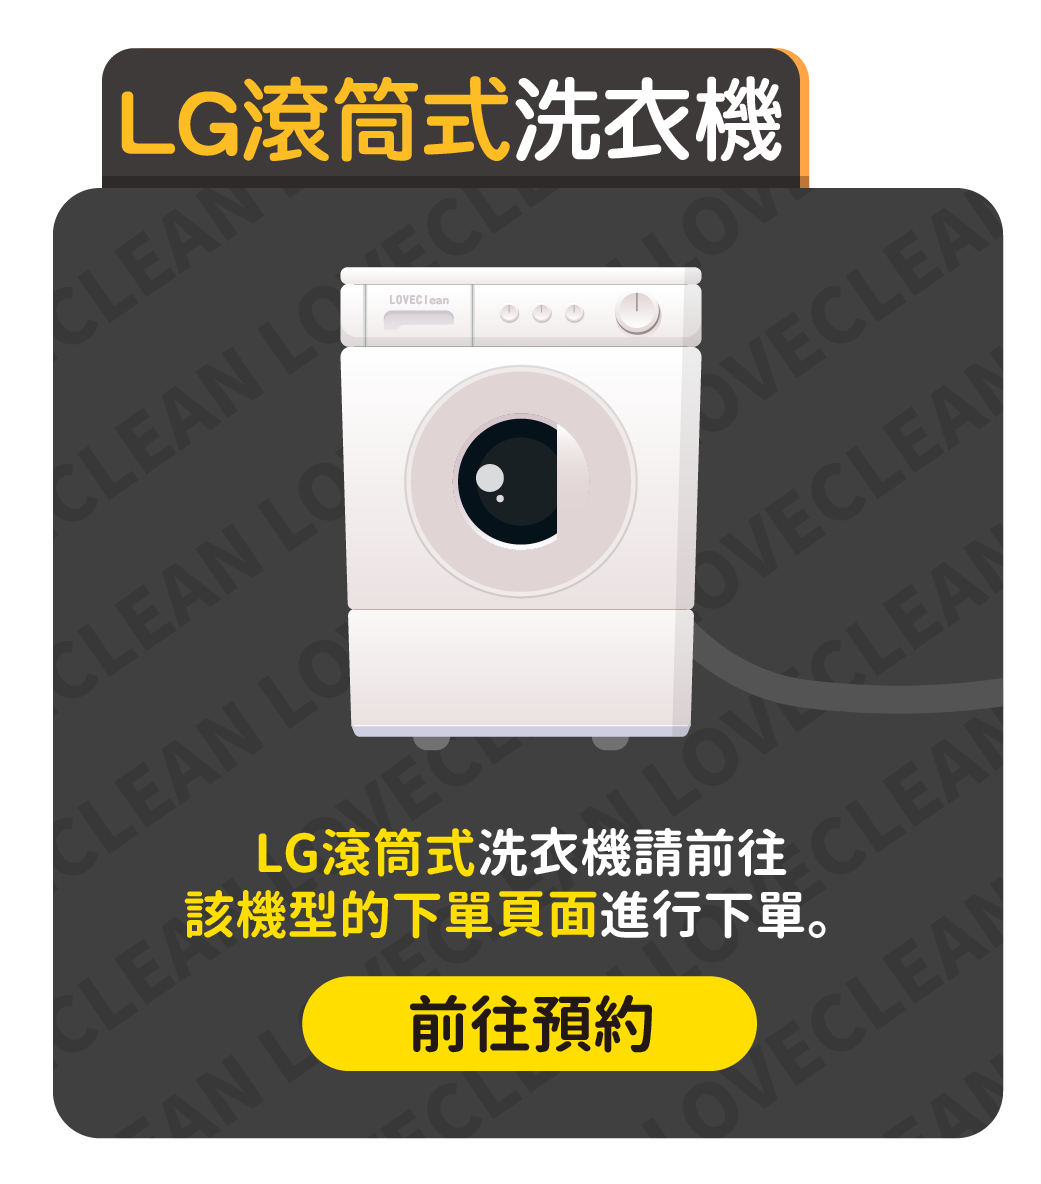 愛潔淨-LG滾筒式洗衣機費用說明